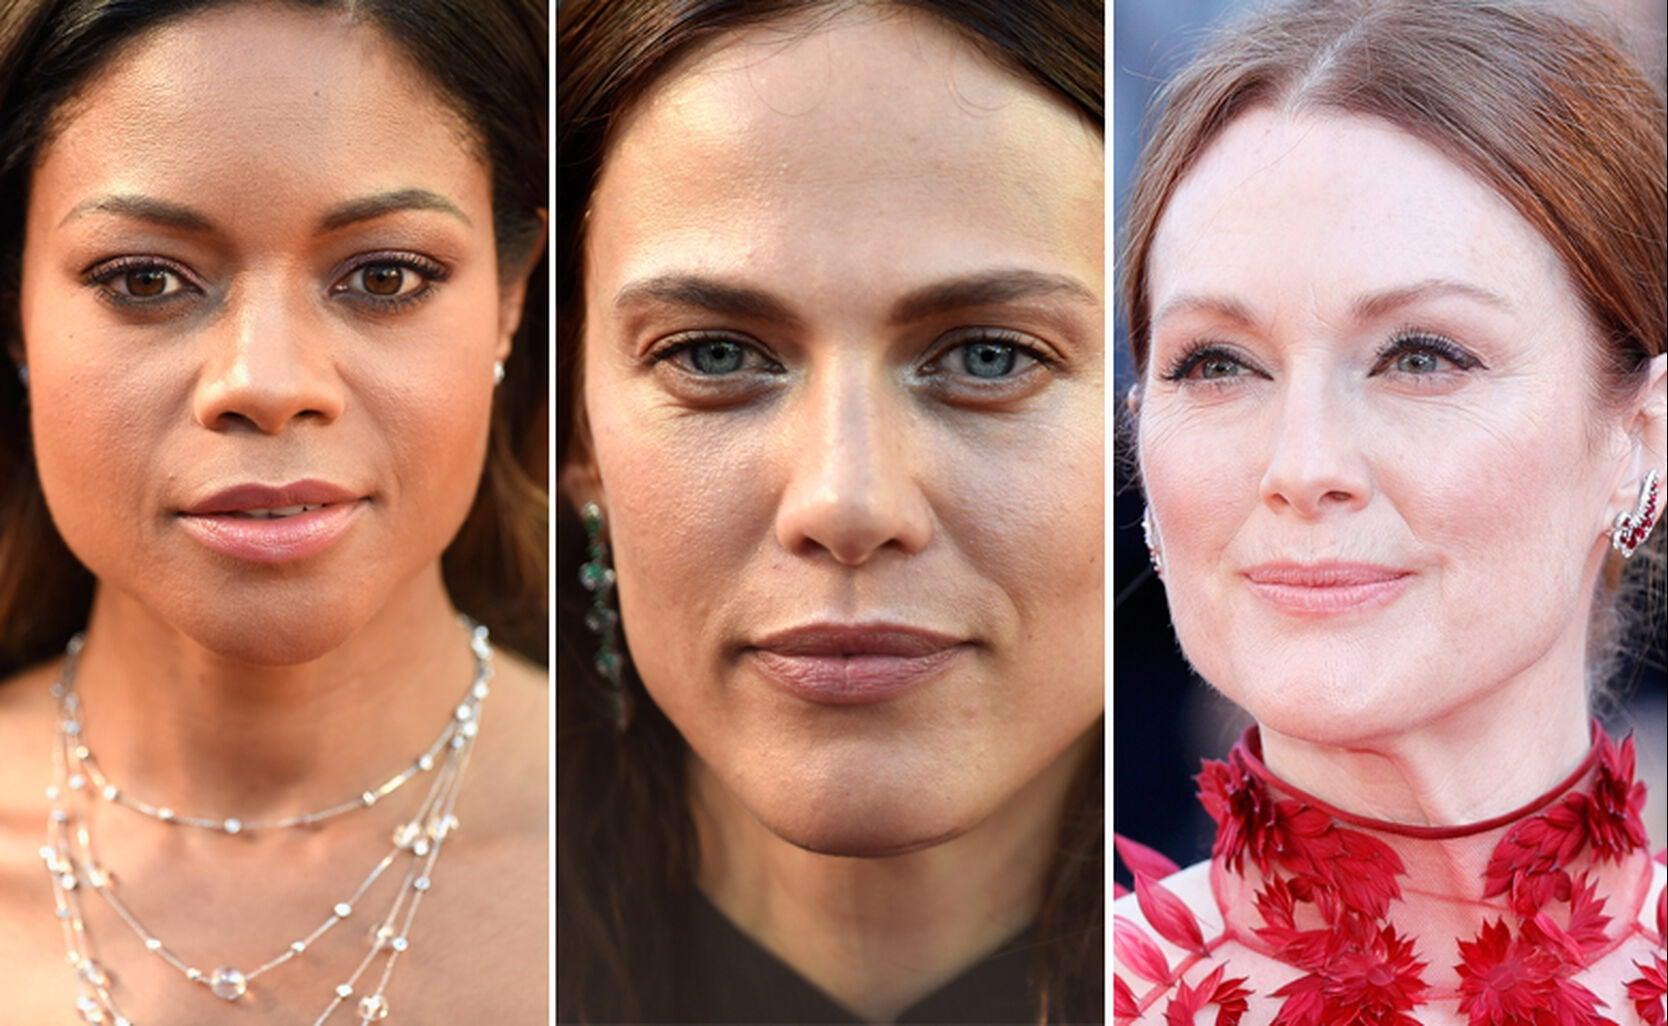 Naomie Harris, Aymeline Valade and Julianne Moore